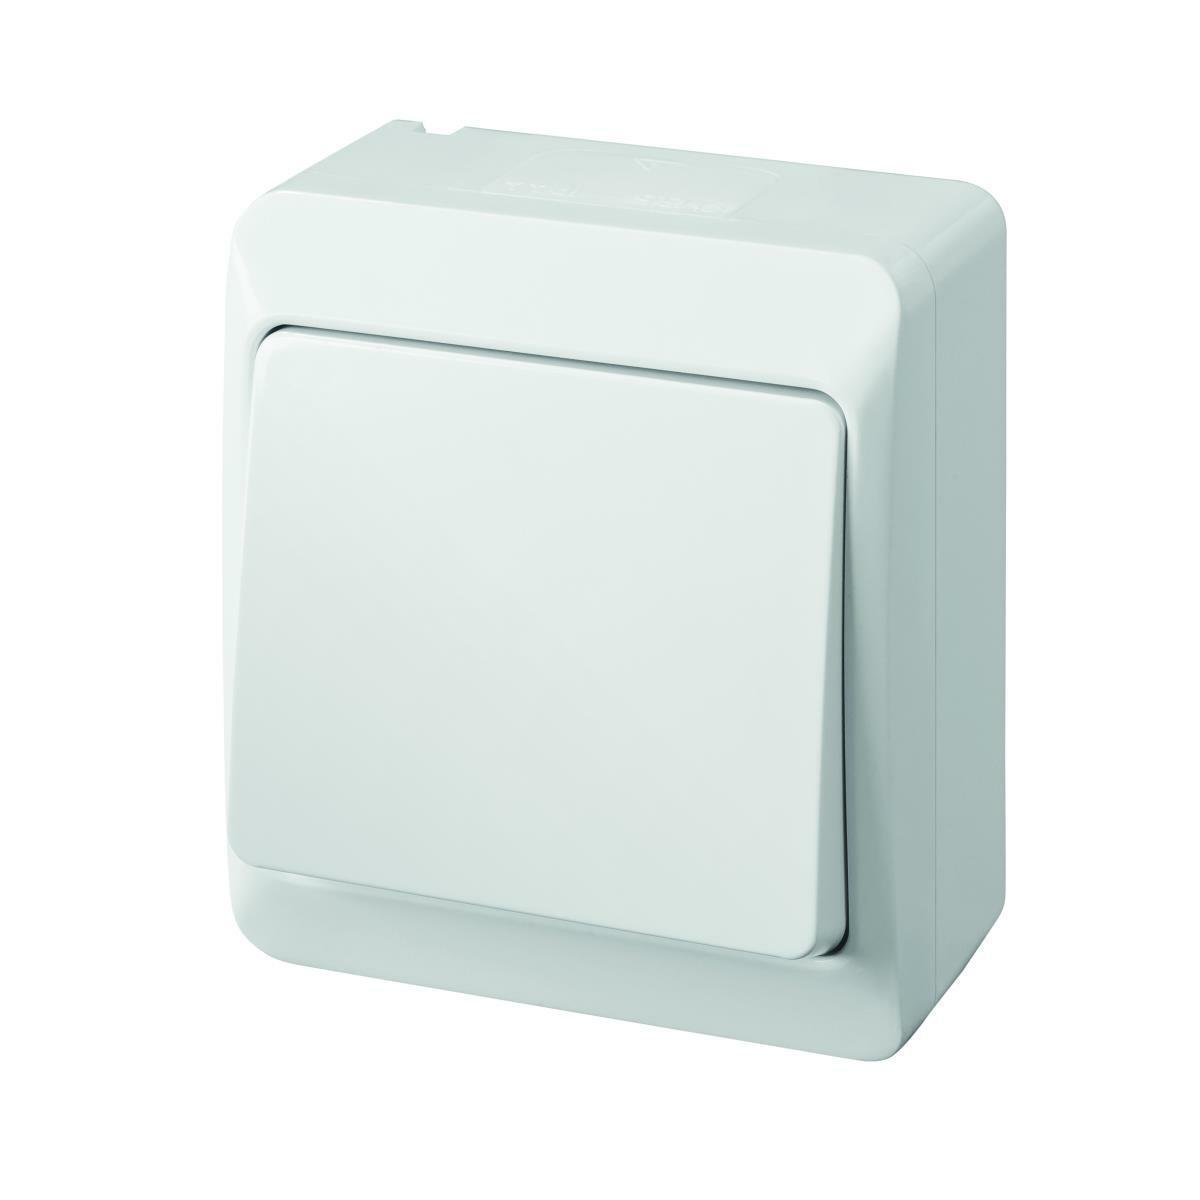 Aufputz Wechsel-Schalter grau IP44 selbstdichtend f/ür den Au/ßenbereich